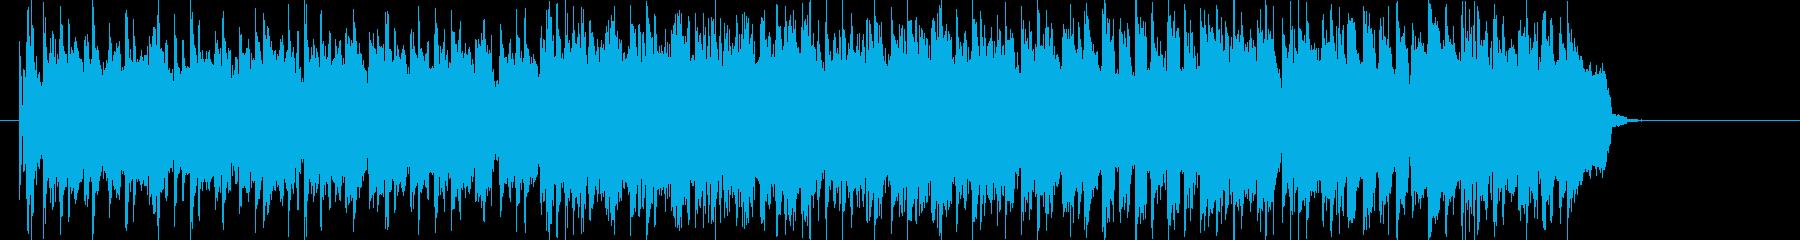 パワフルなギター・ロック・アンサンブルの再生済みの波形